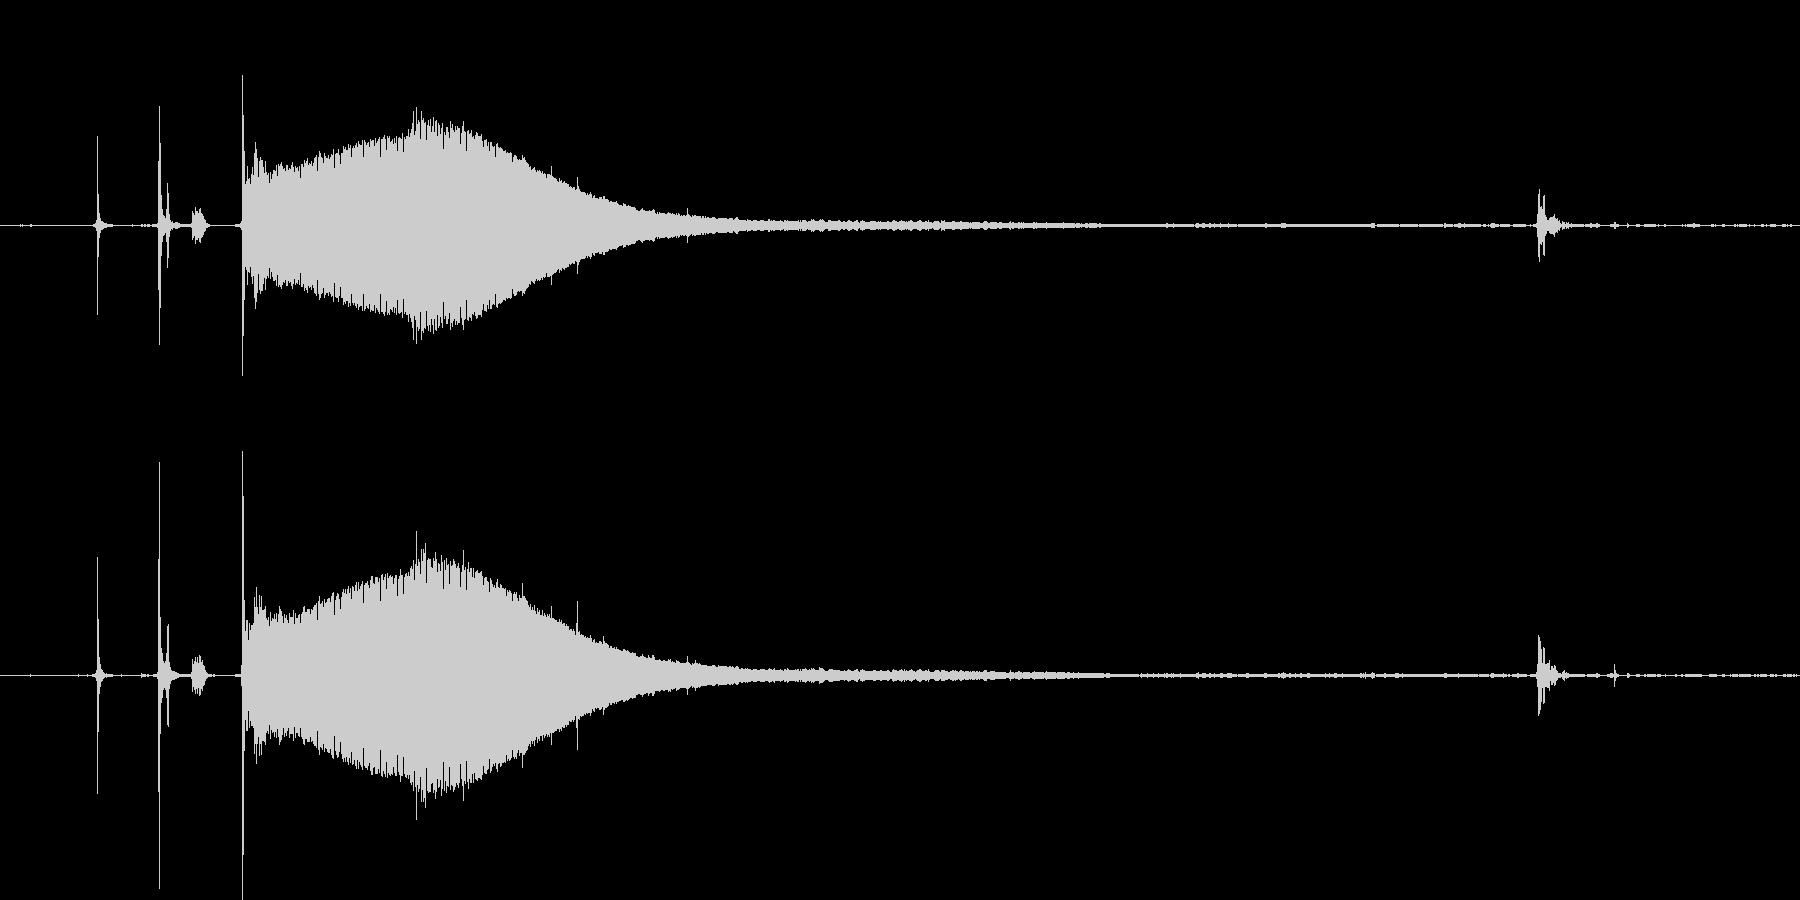 CRTモニターの起動音。の未再生の波形